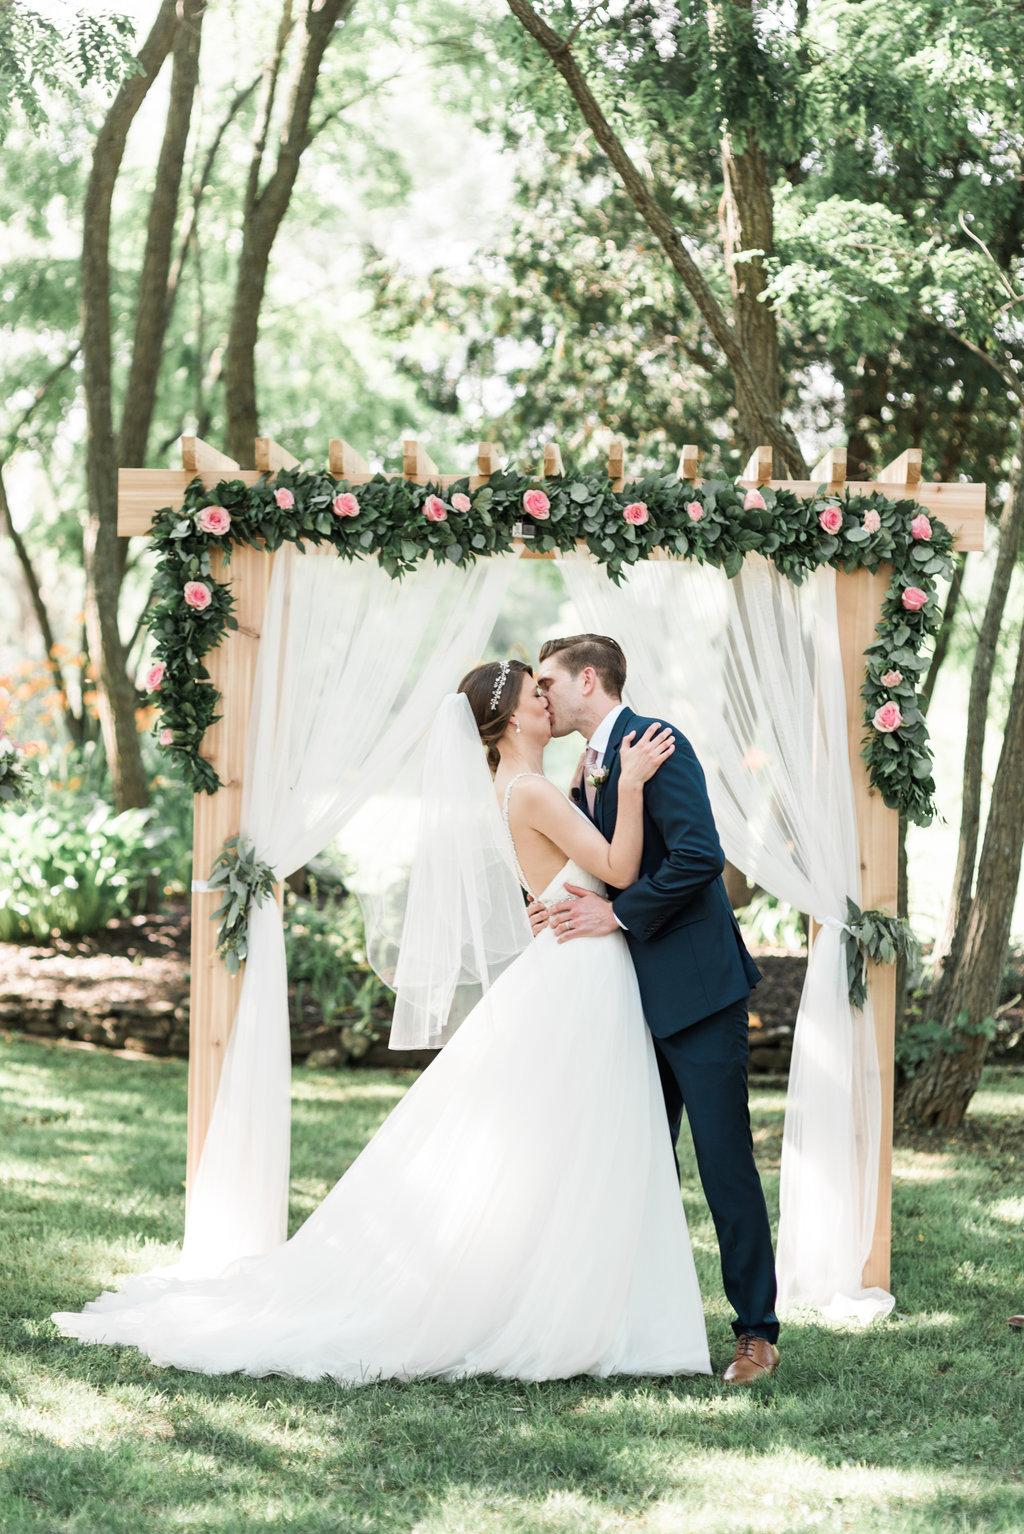 C&S - Summer Wedding at Stonefields - Ottawa Wedding Planner - 34